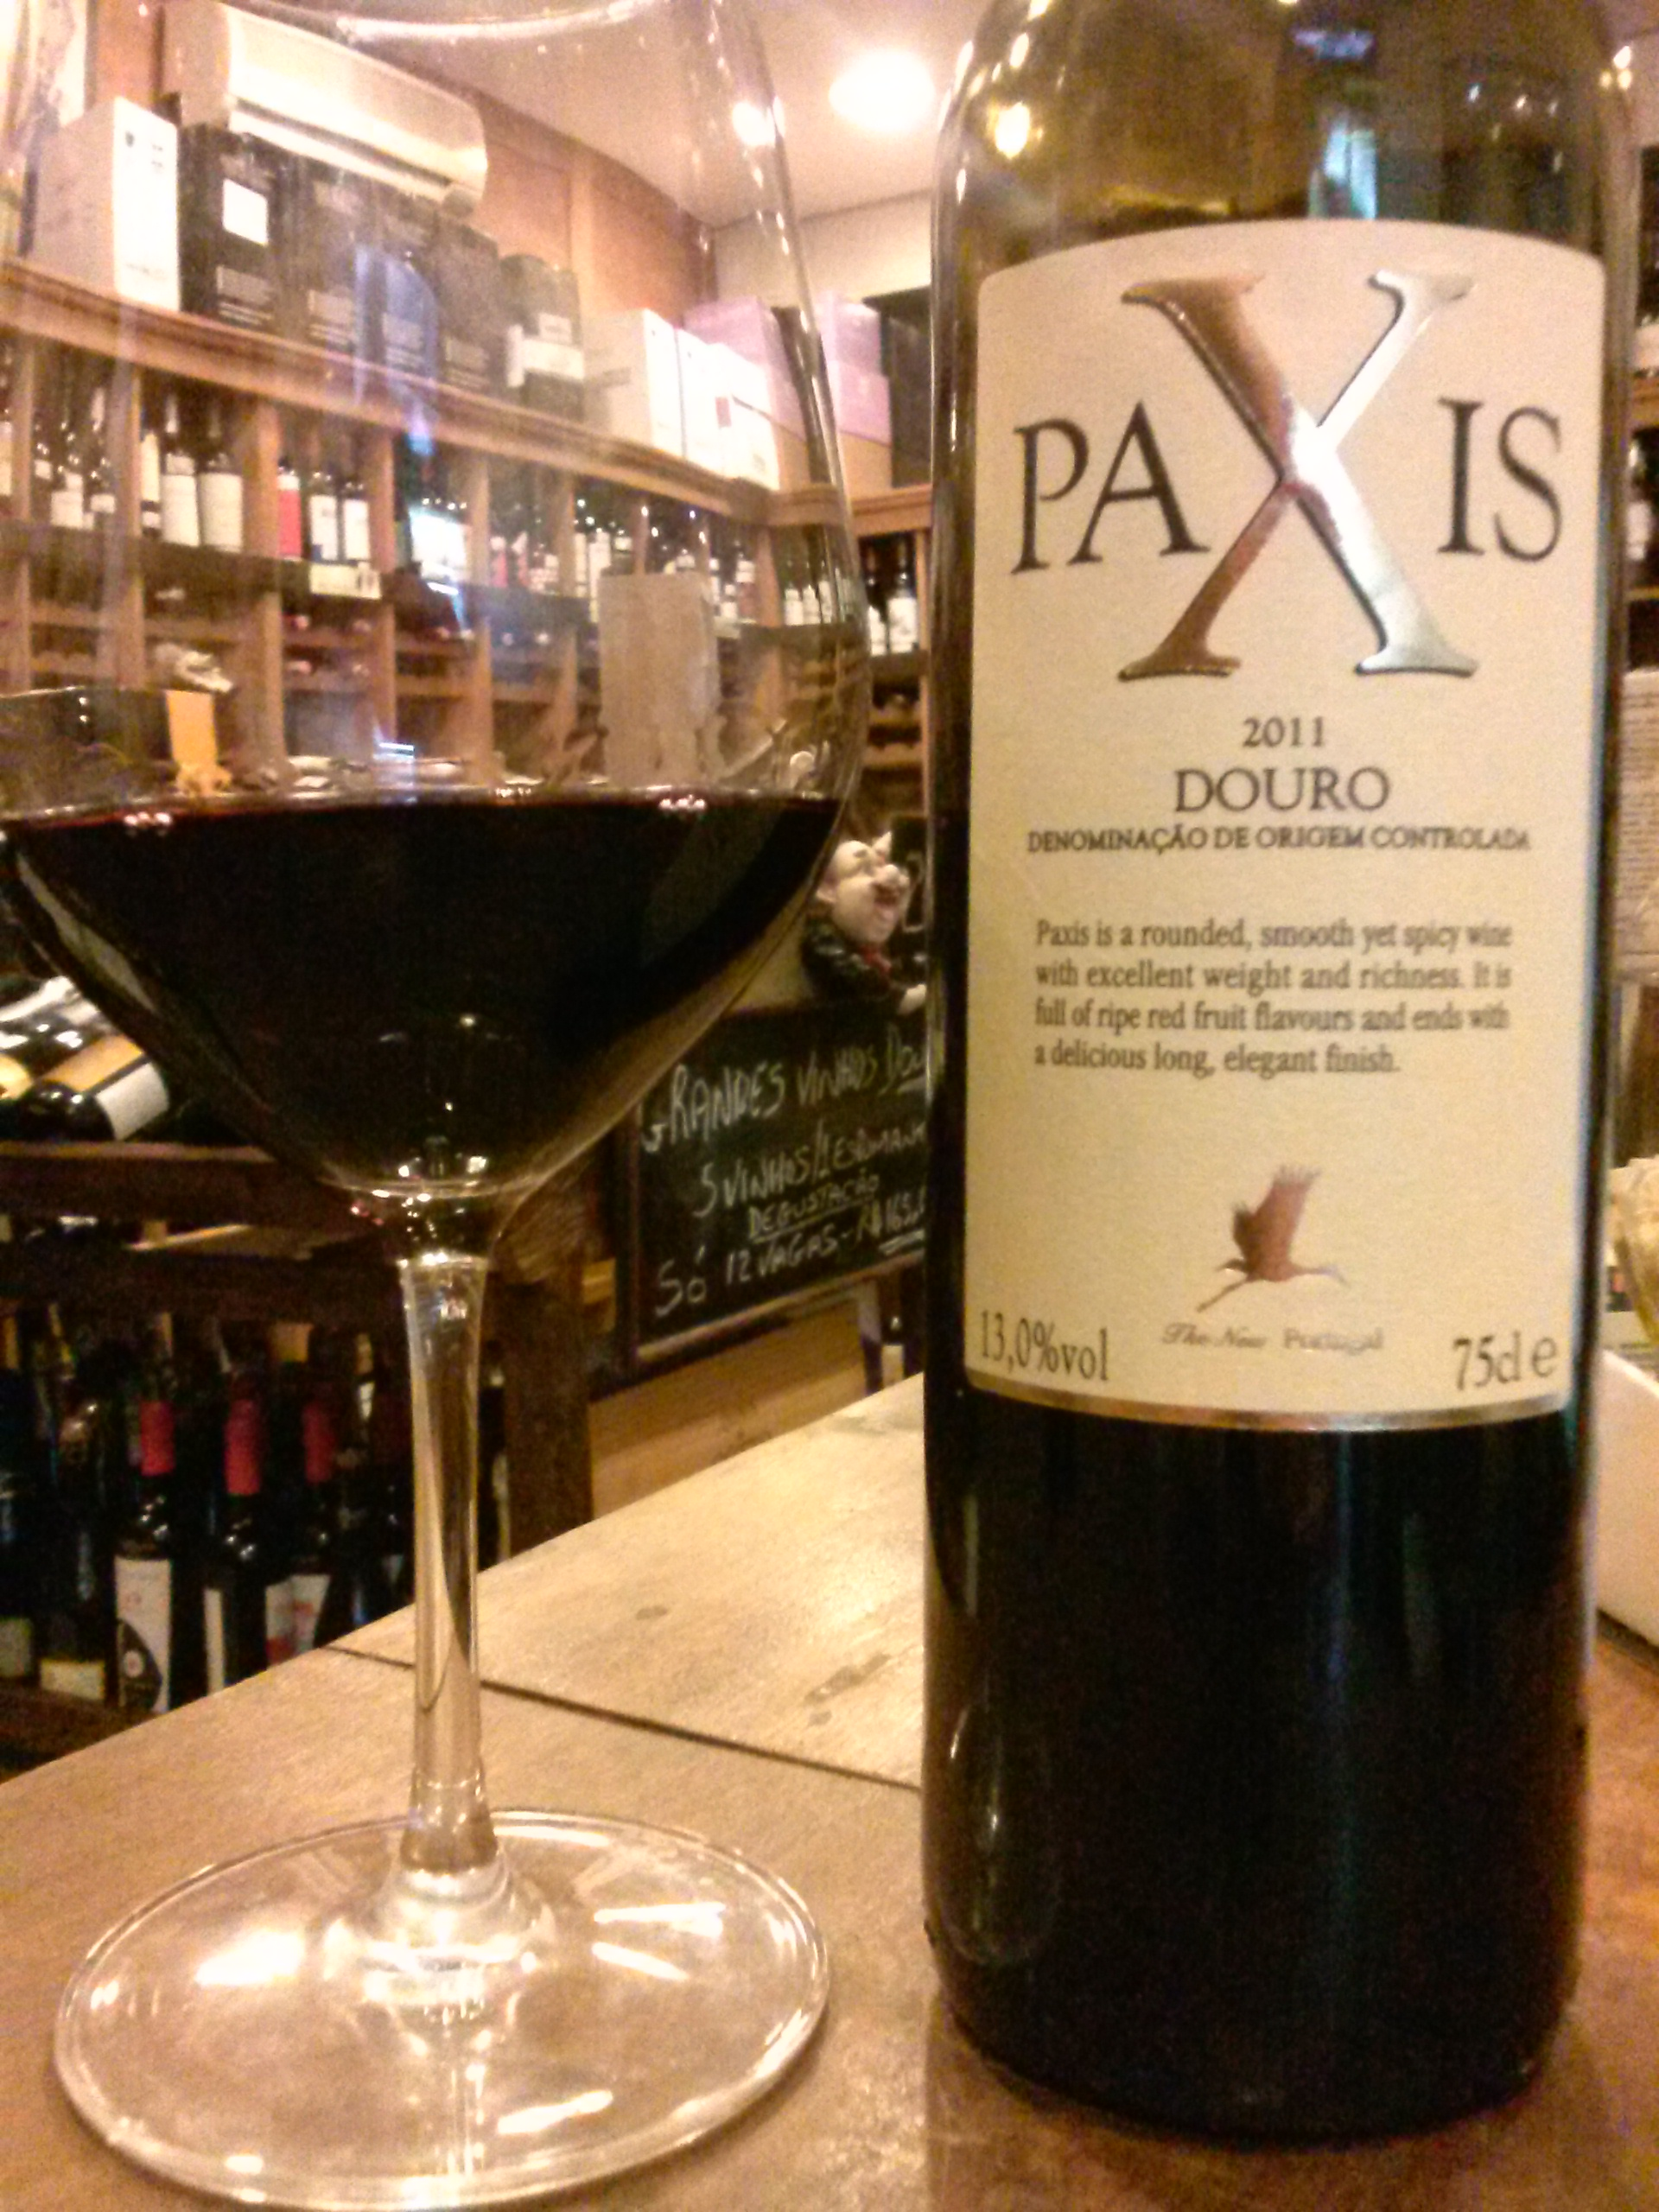 Paxis Douro